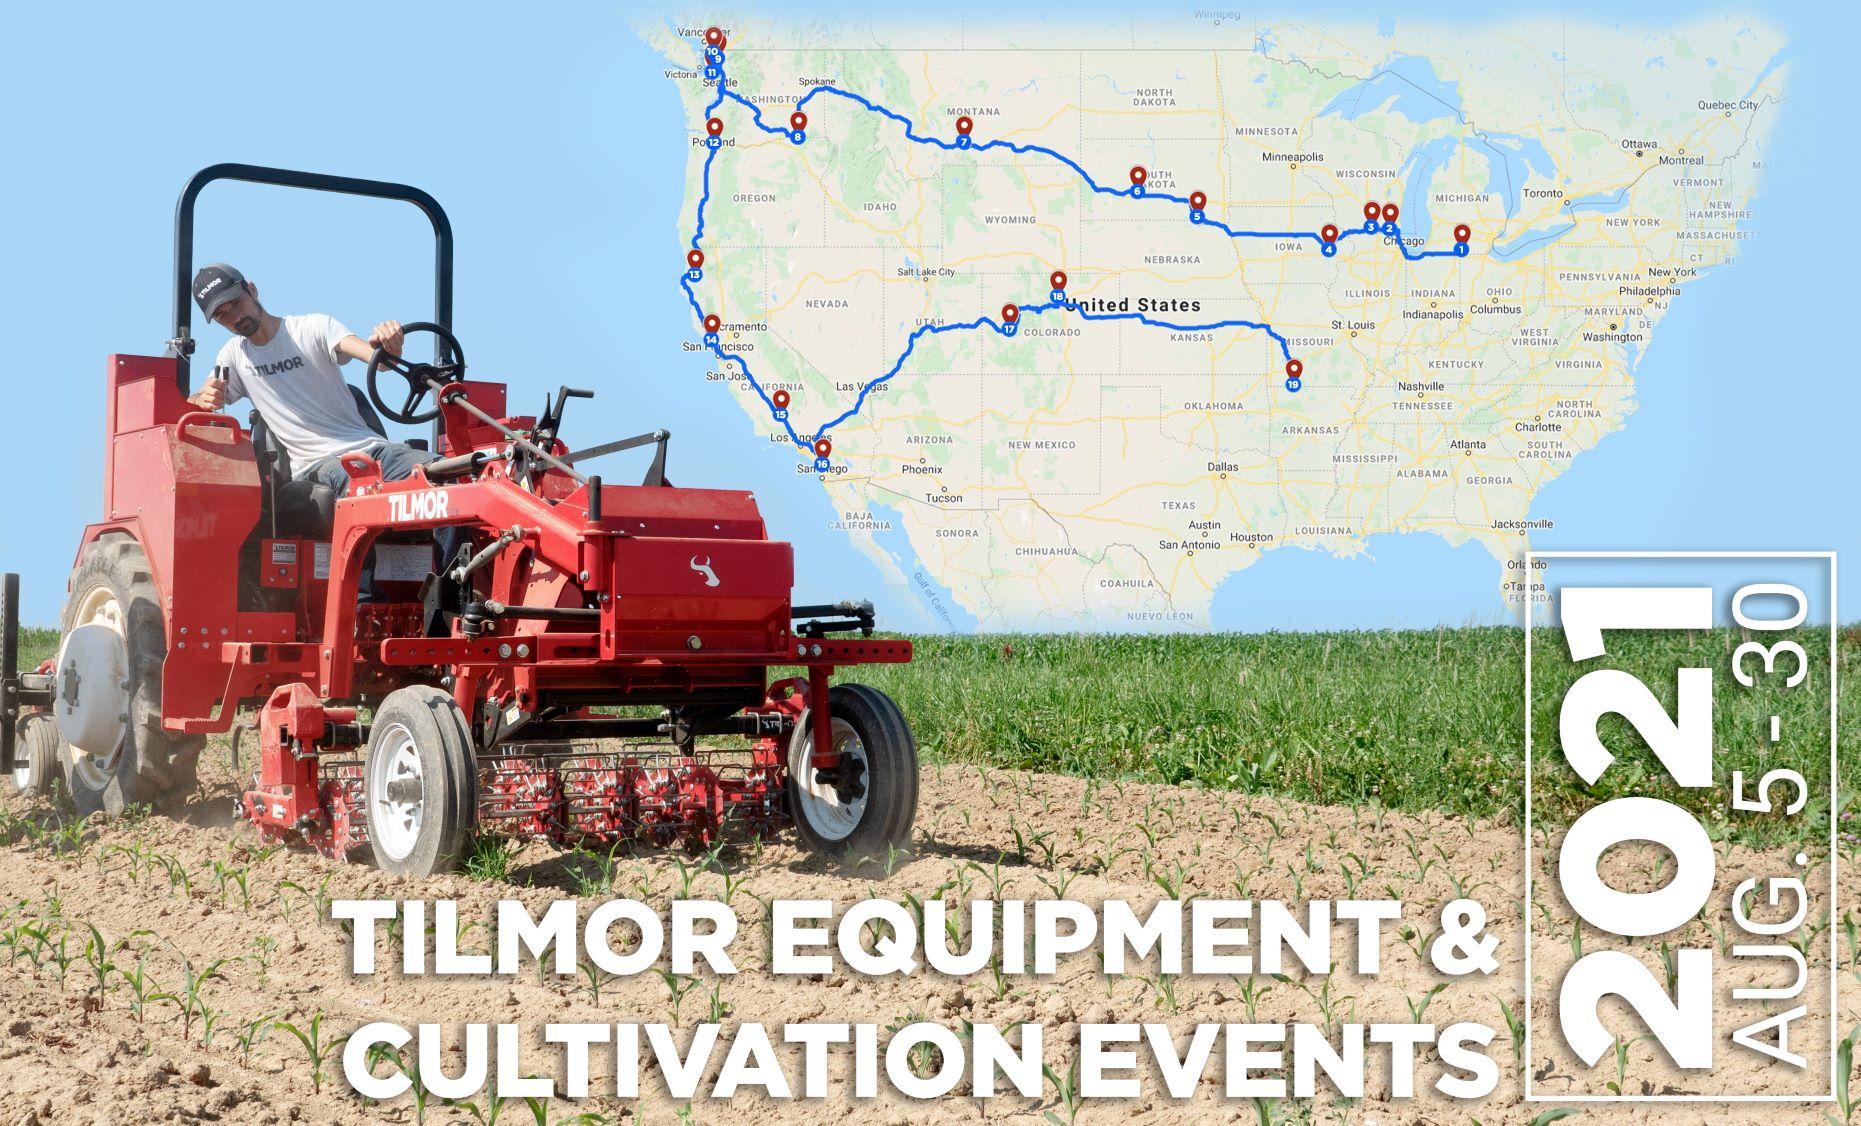 Tilmor to Offer Farm Equipment Demonstrations